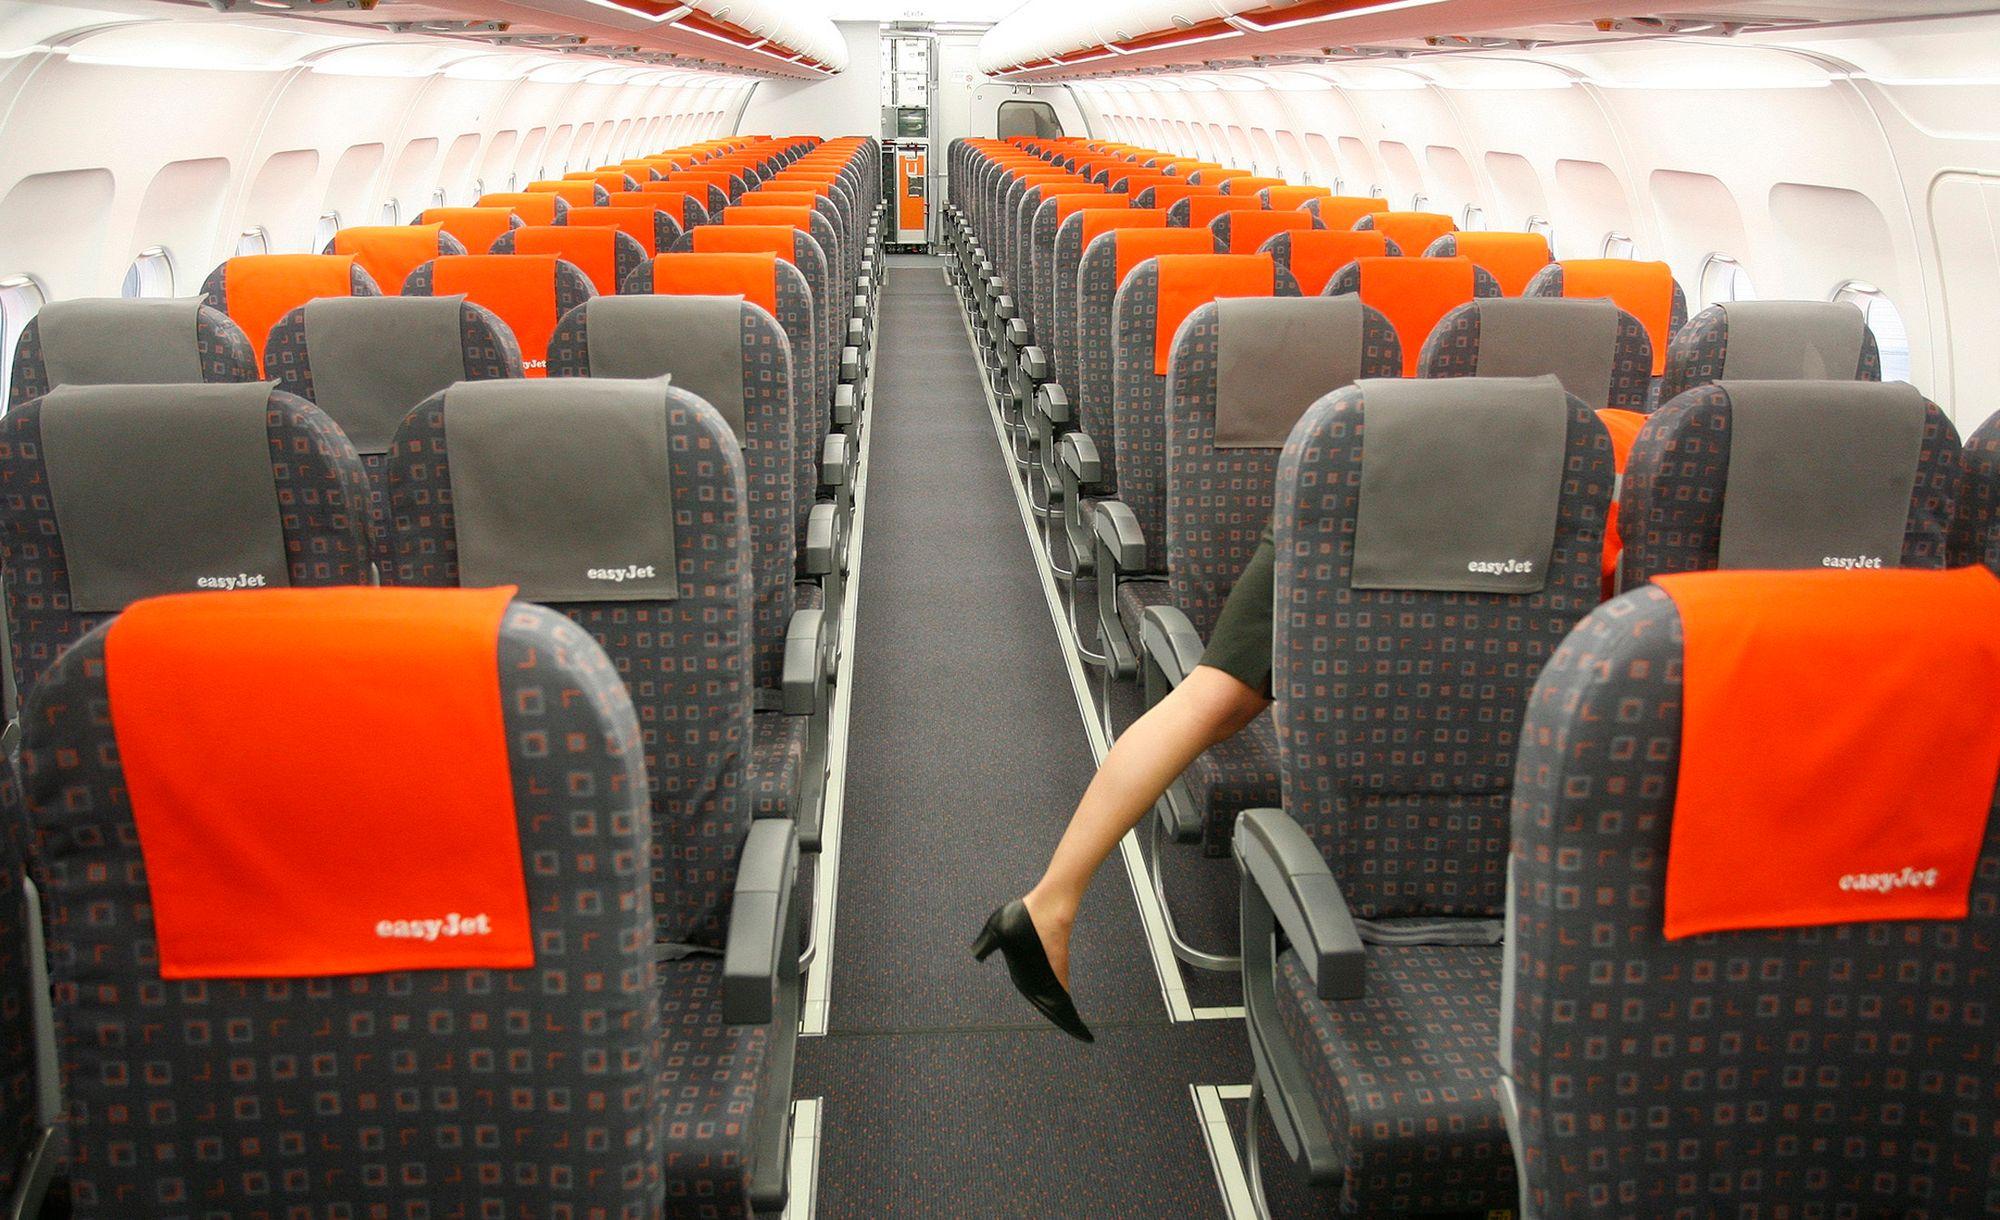 Les passagers d 39 easyjet auront d sormais des si ges for Interieur avion easyjet